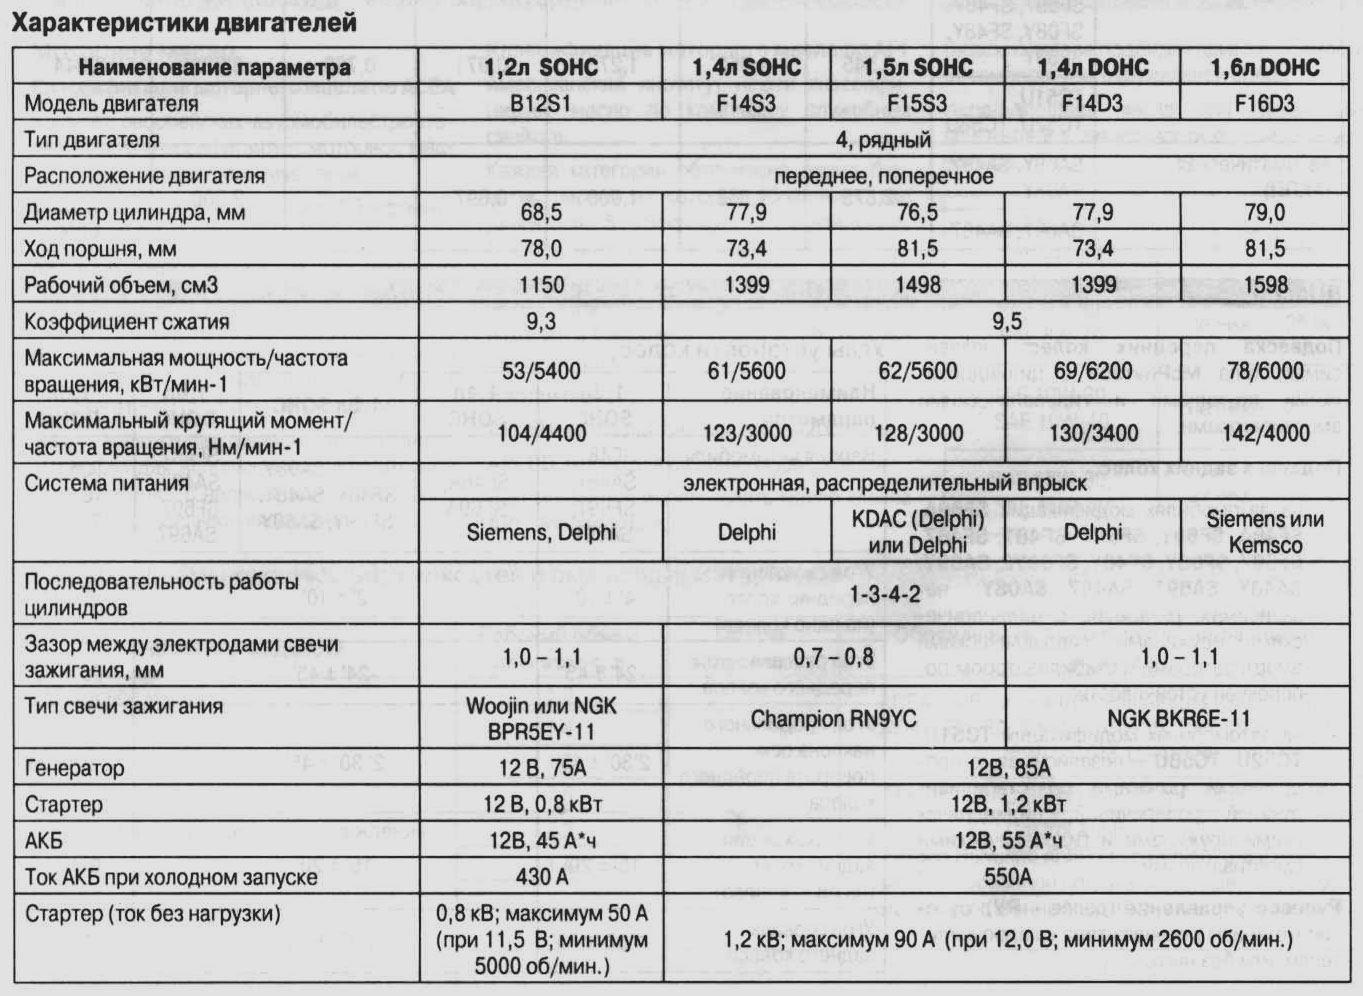 Технические характеристики двигателей Шевроле Авео